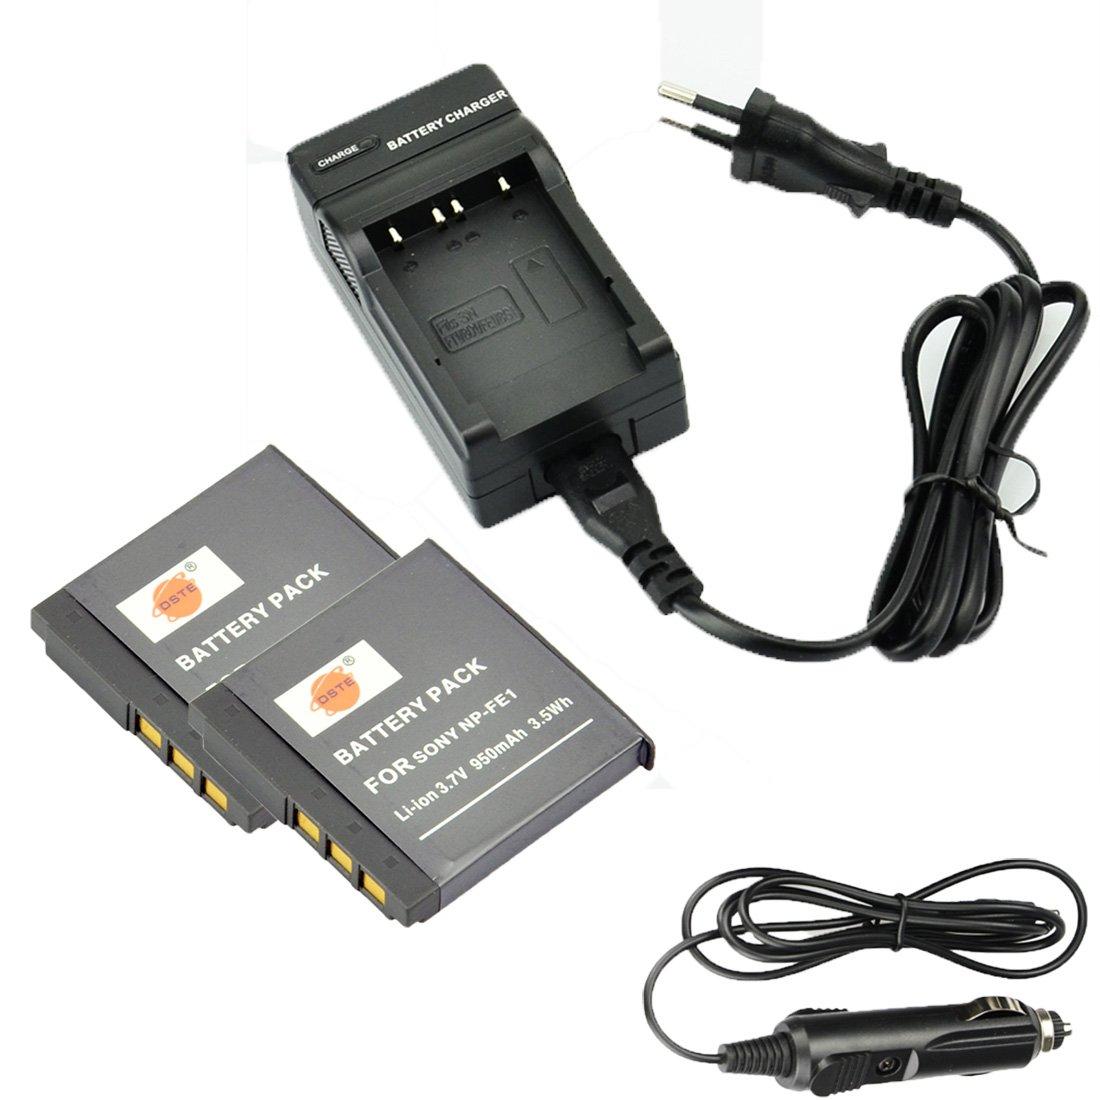 DSTE 2-Pieza Repuesto Baterí a y DC02E Viaje Cargador kit para Sony NP-FE1 Cyber-shot DSC-T7 DSC-T7/b DSC-T7/S DSC-P2 DSC-P3 DSC-P5 DSC-P9 DSC-P7 DSC-P10 DST Electron Technological Co. Ltd GJLF26B2G